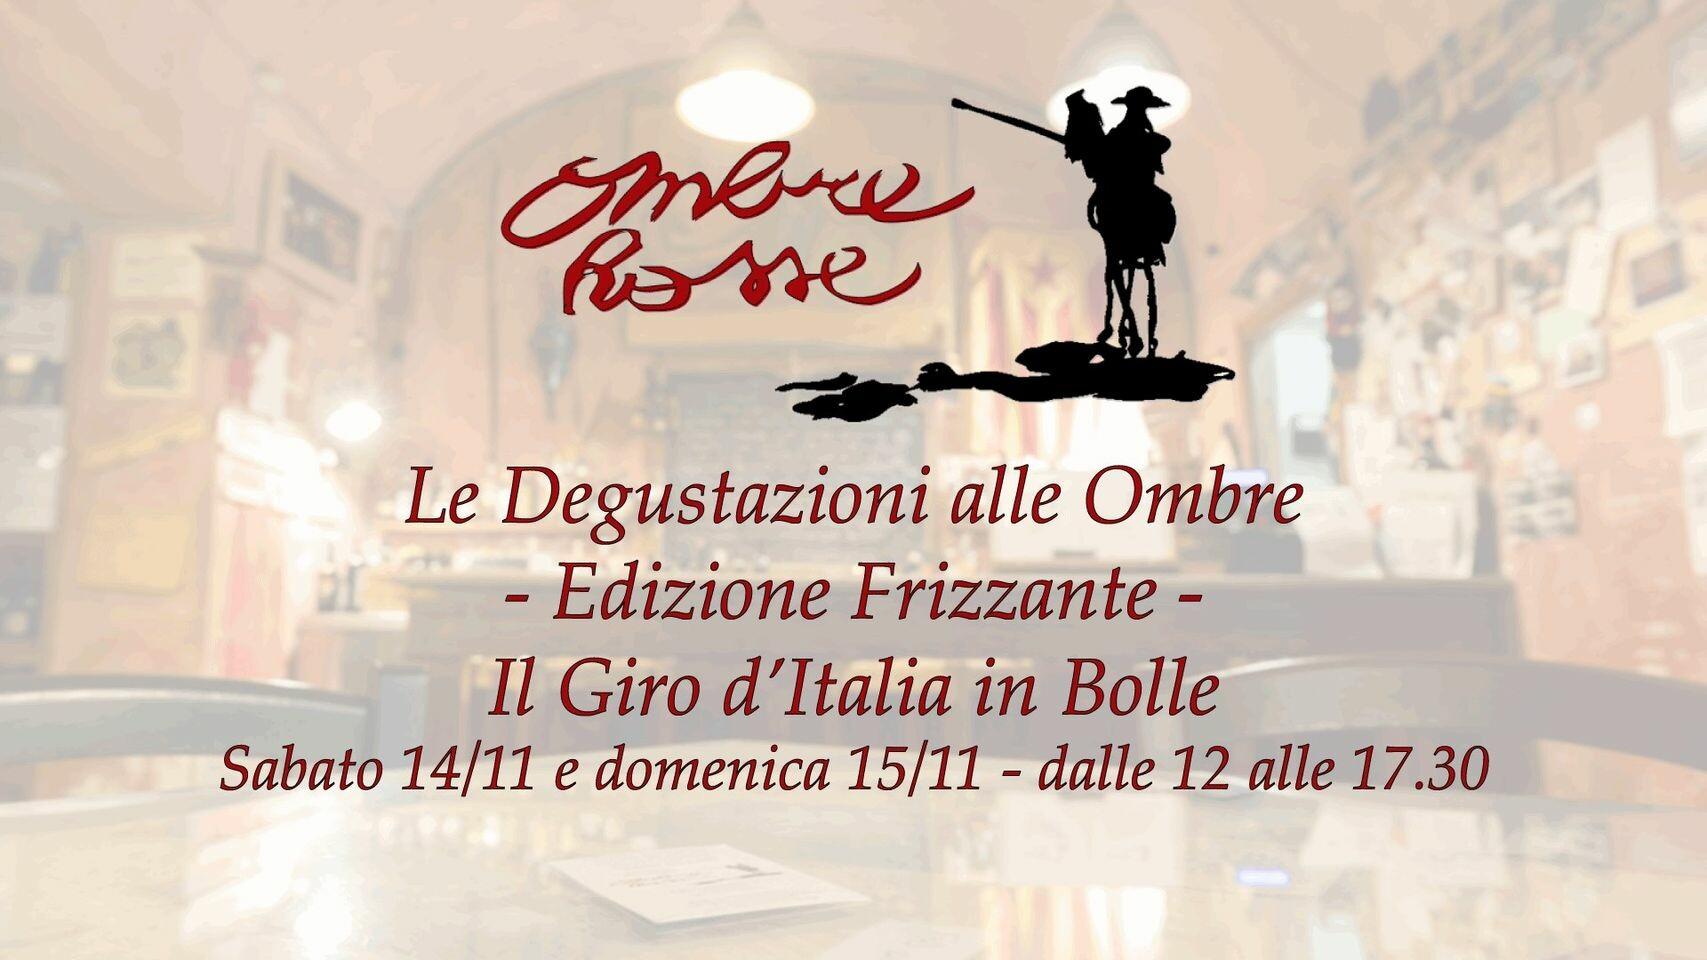 Le Degustazioni alle Ombre - Edizione Frizzante - Il Giro d'Italia in Bolle